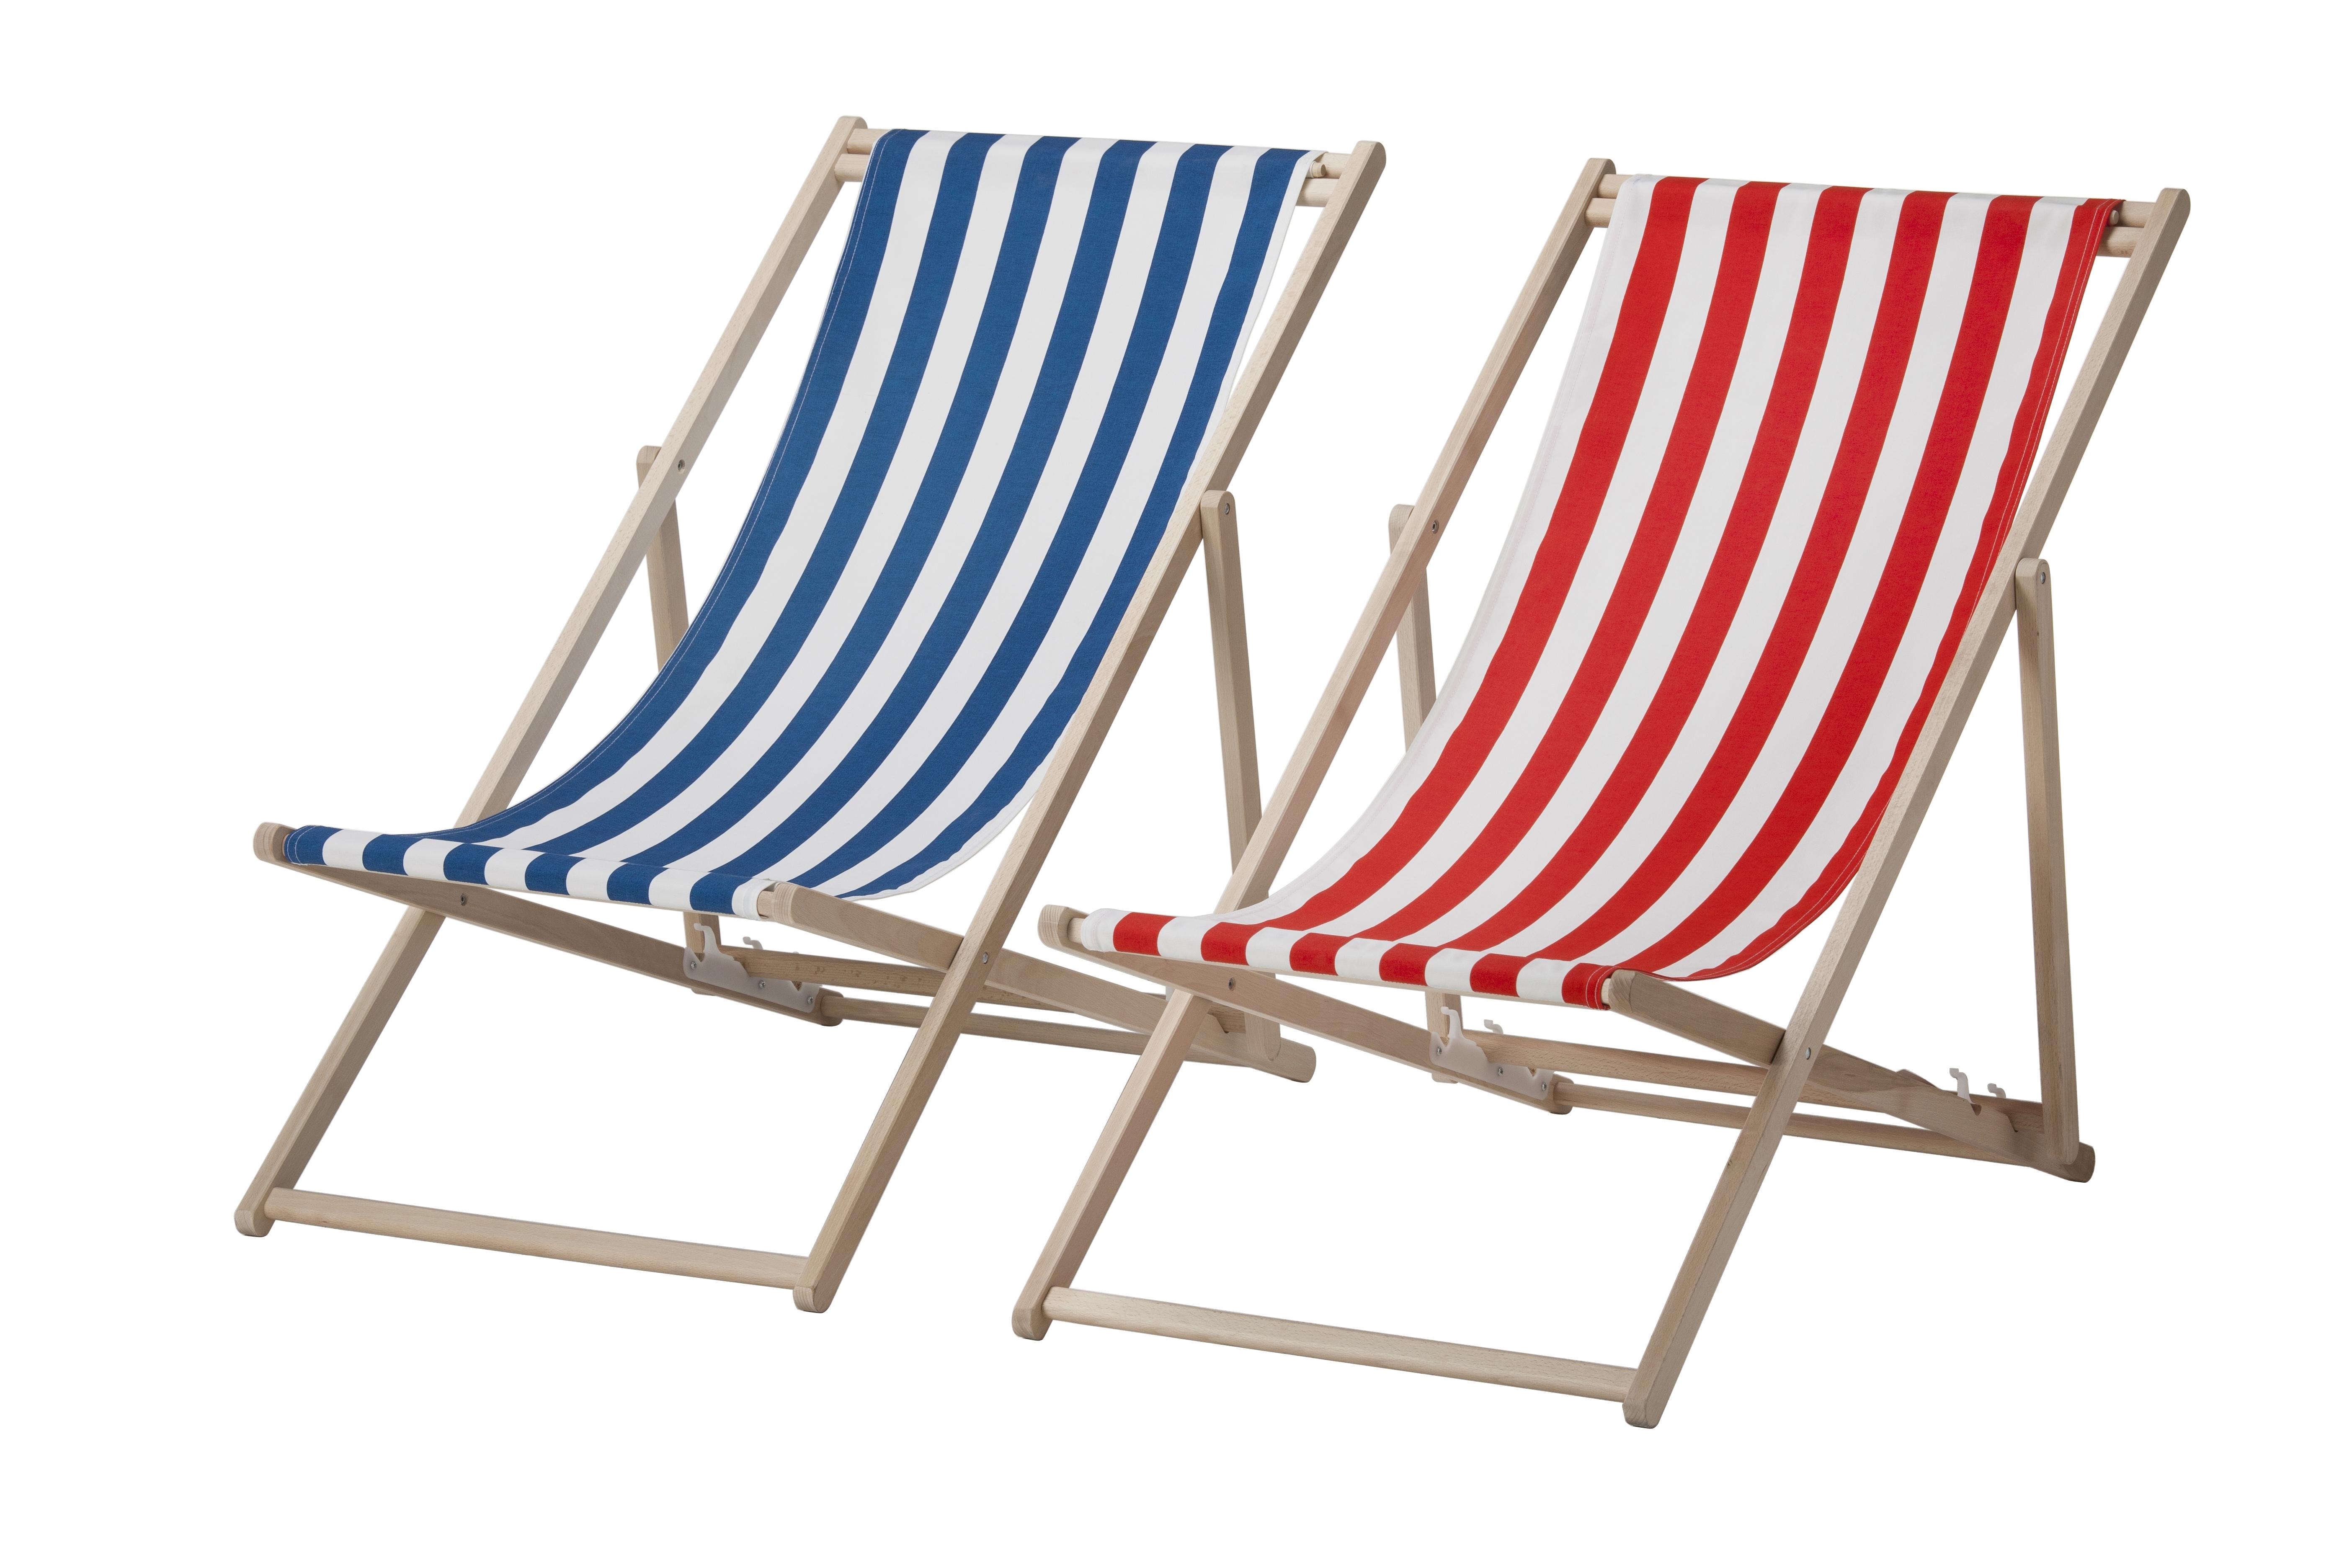 ikea ruft mysings strandstuhl wegen sturz und einklemmgefahr zur ck pressemitteilung ikea. Black Bedroom Furniture Sets. Home Design Ideas